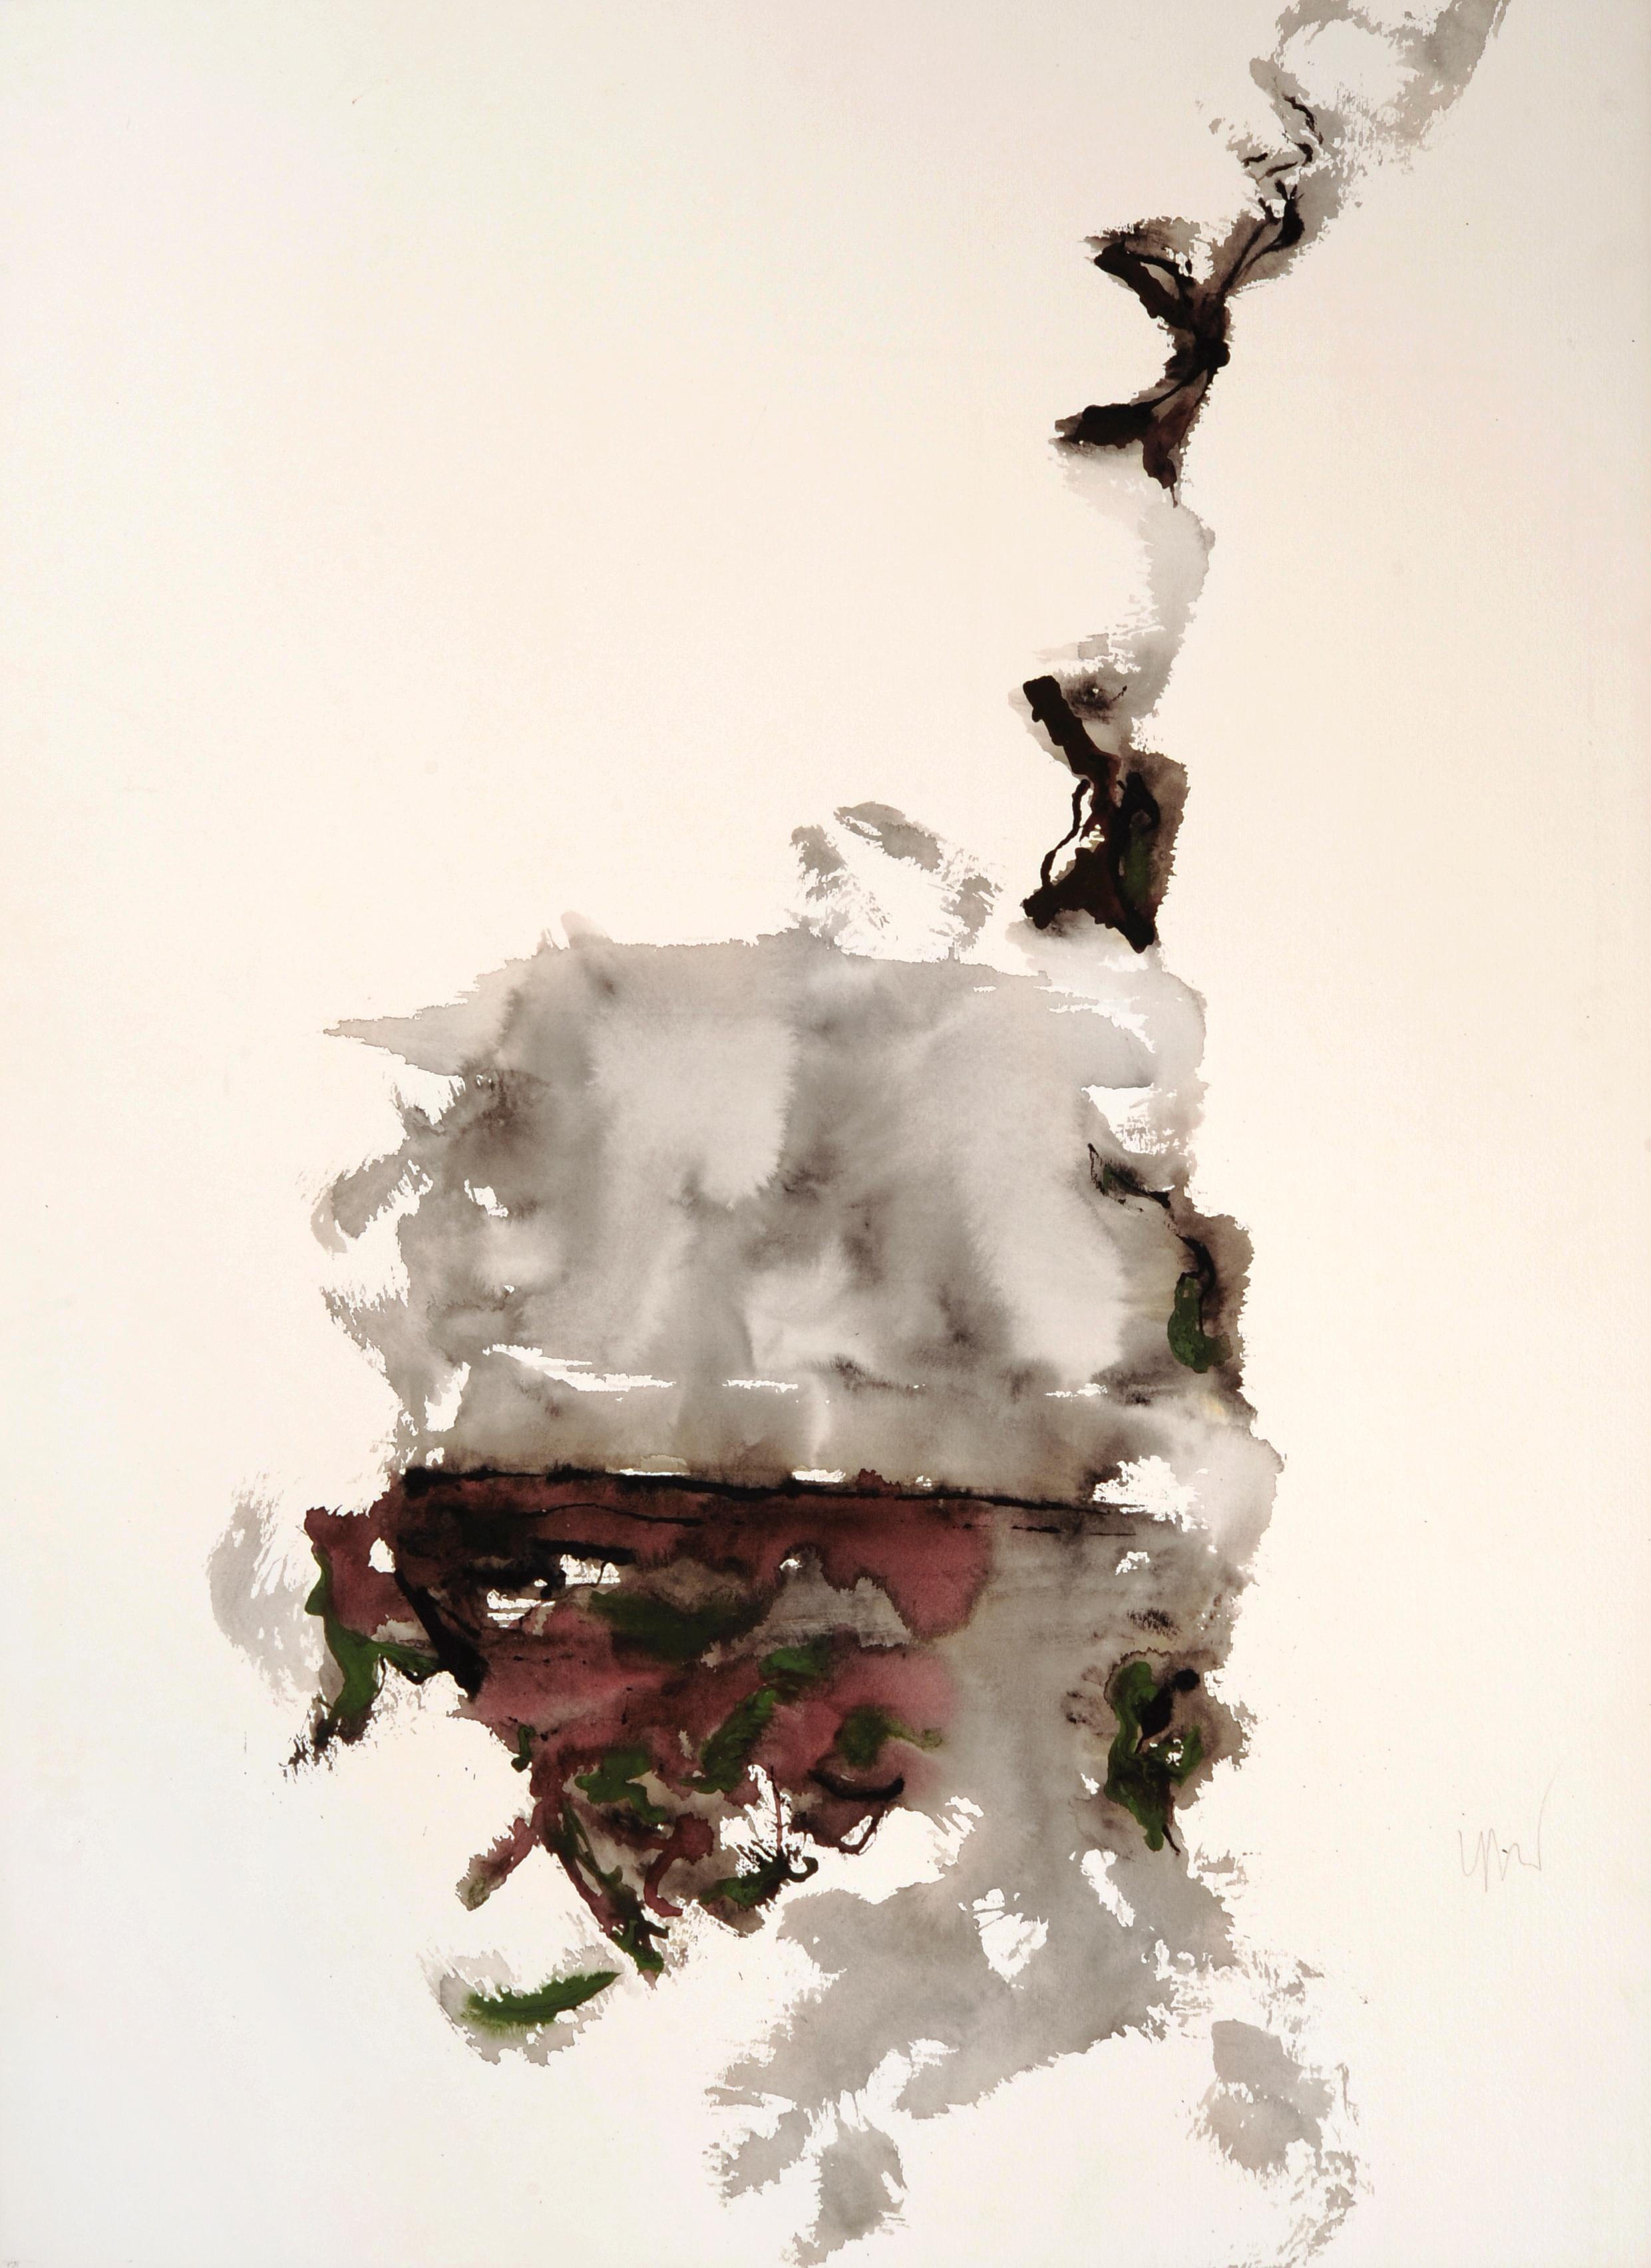 """senza titolo, dalla serie """"13 carte Fabriano"""", 1995, acrilico su carta Fabriano, cm 76 x 57  untitled, from the series """"13 carte Fabriano"""", 1995, acrylic on Fabriano paper, cm 76 x 57"""